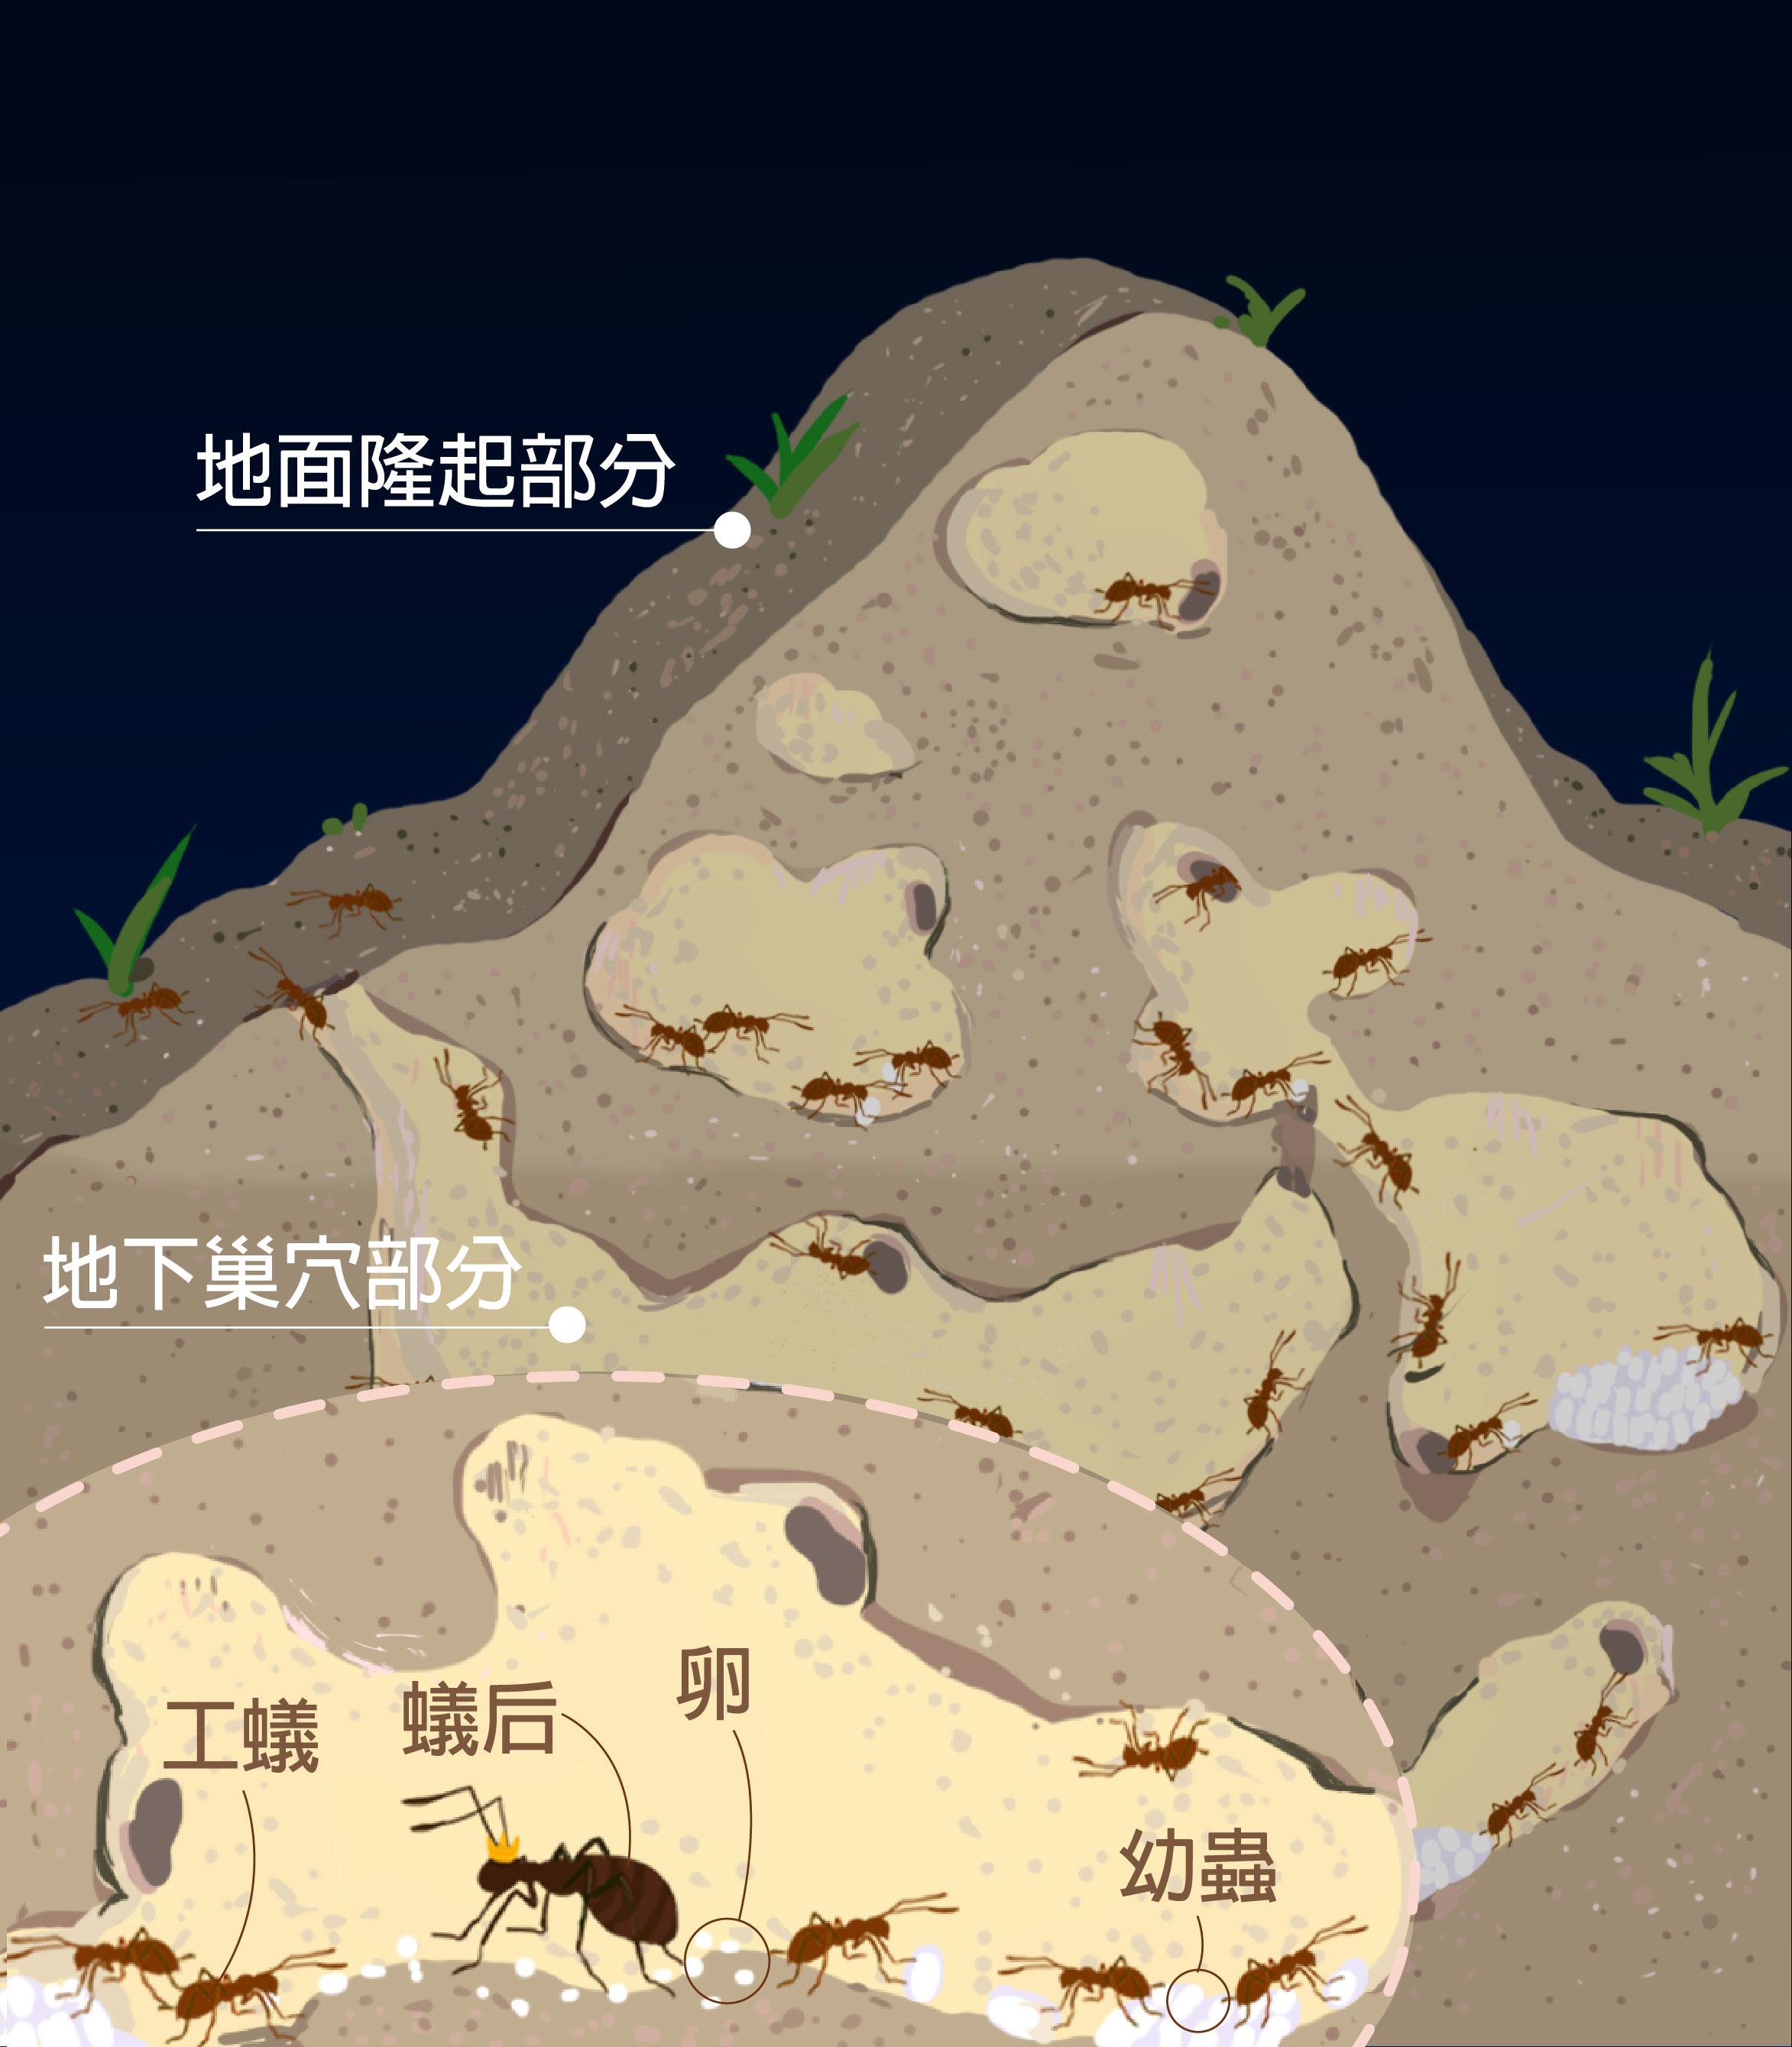 圖說設計│黃曉君、林洵安